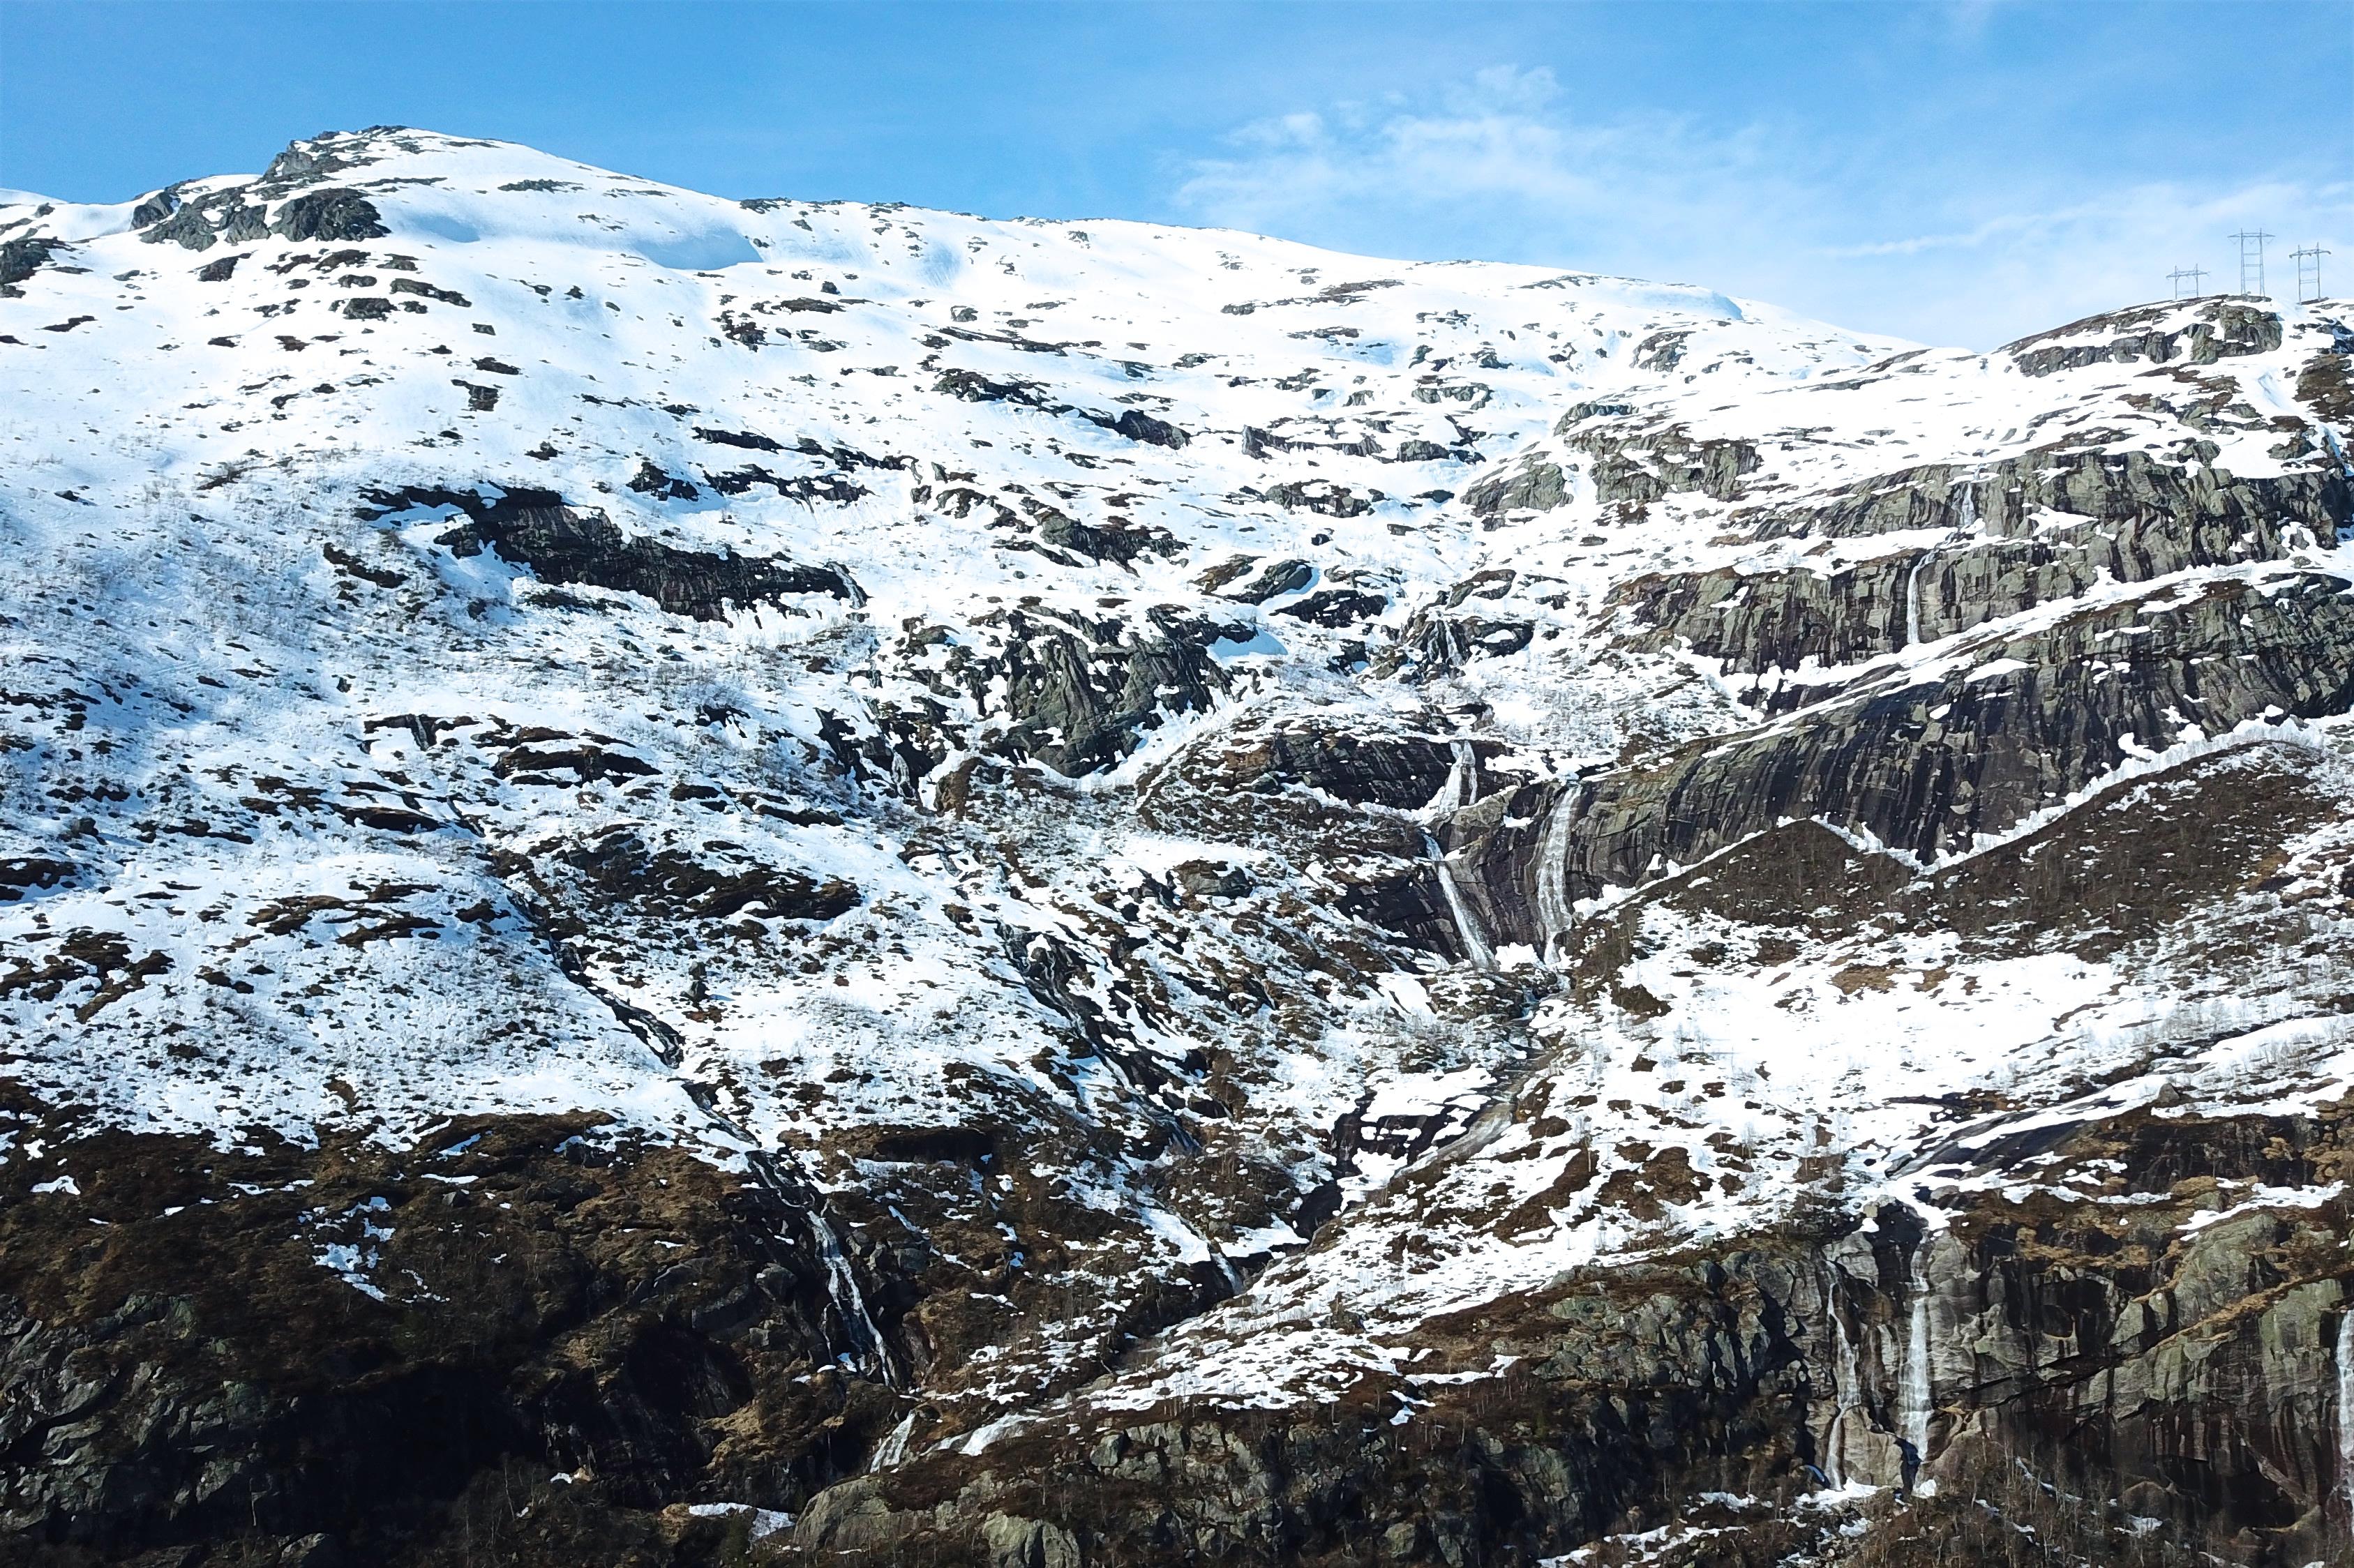 Turen til Onen starter bratt opp fjellsidene fra Kjeåsen.